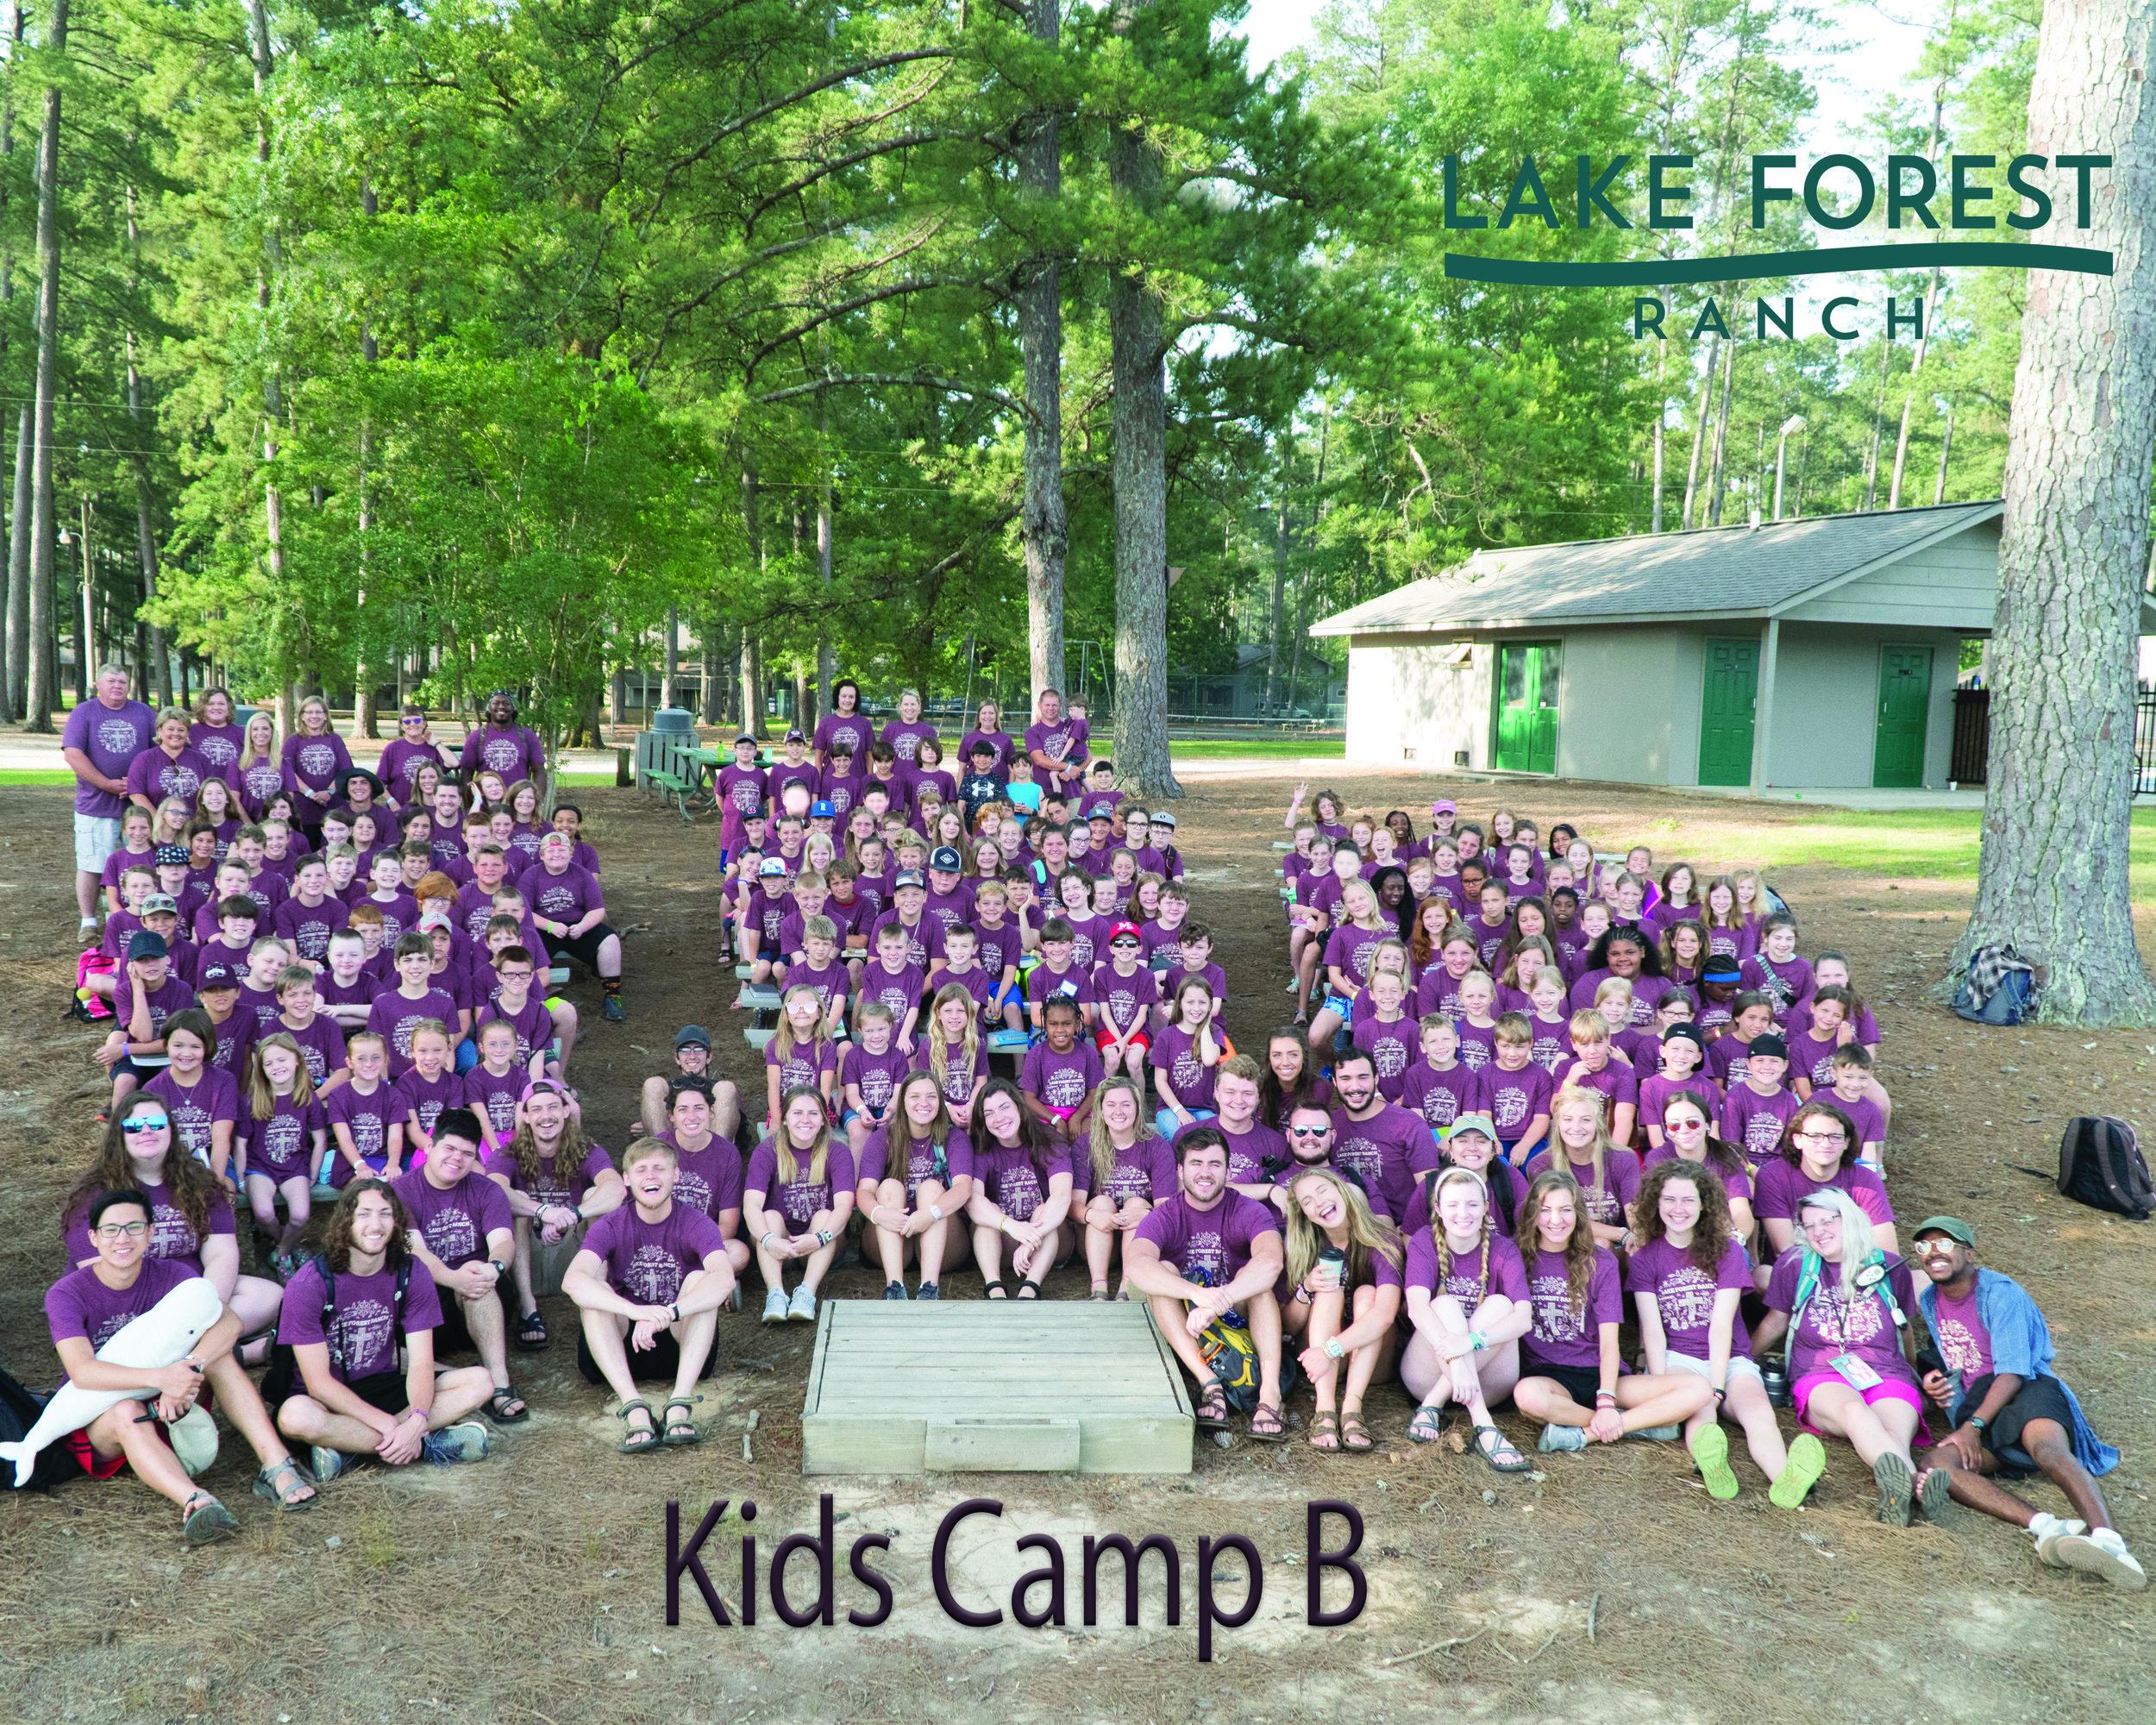 KidsCampB.jpg